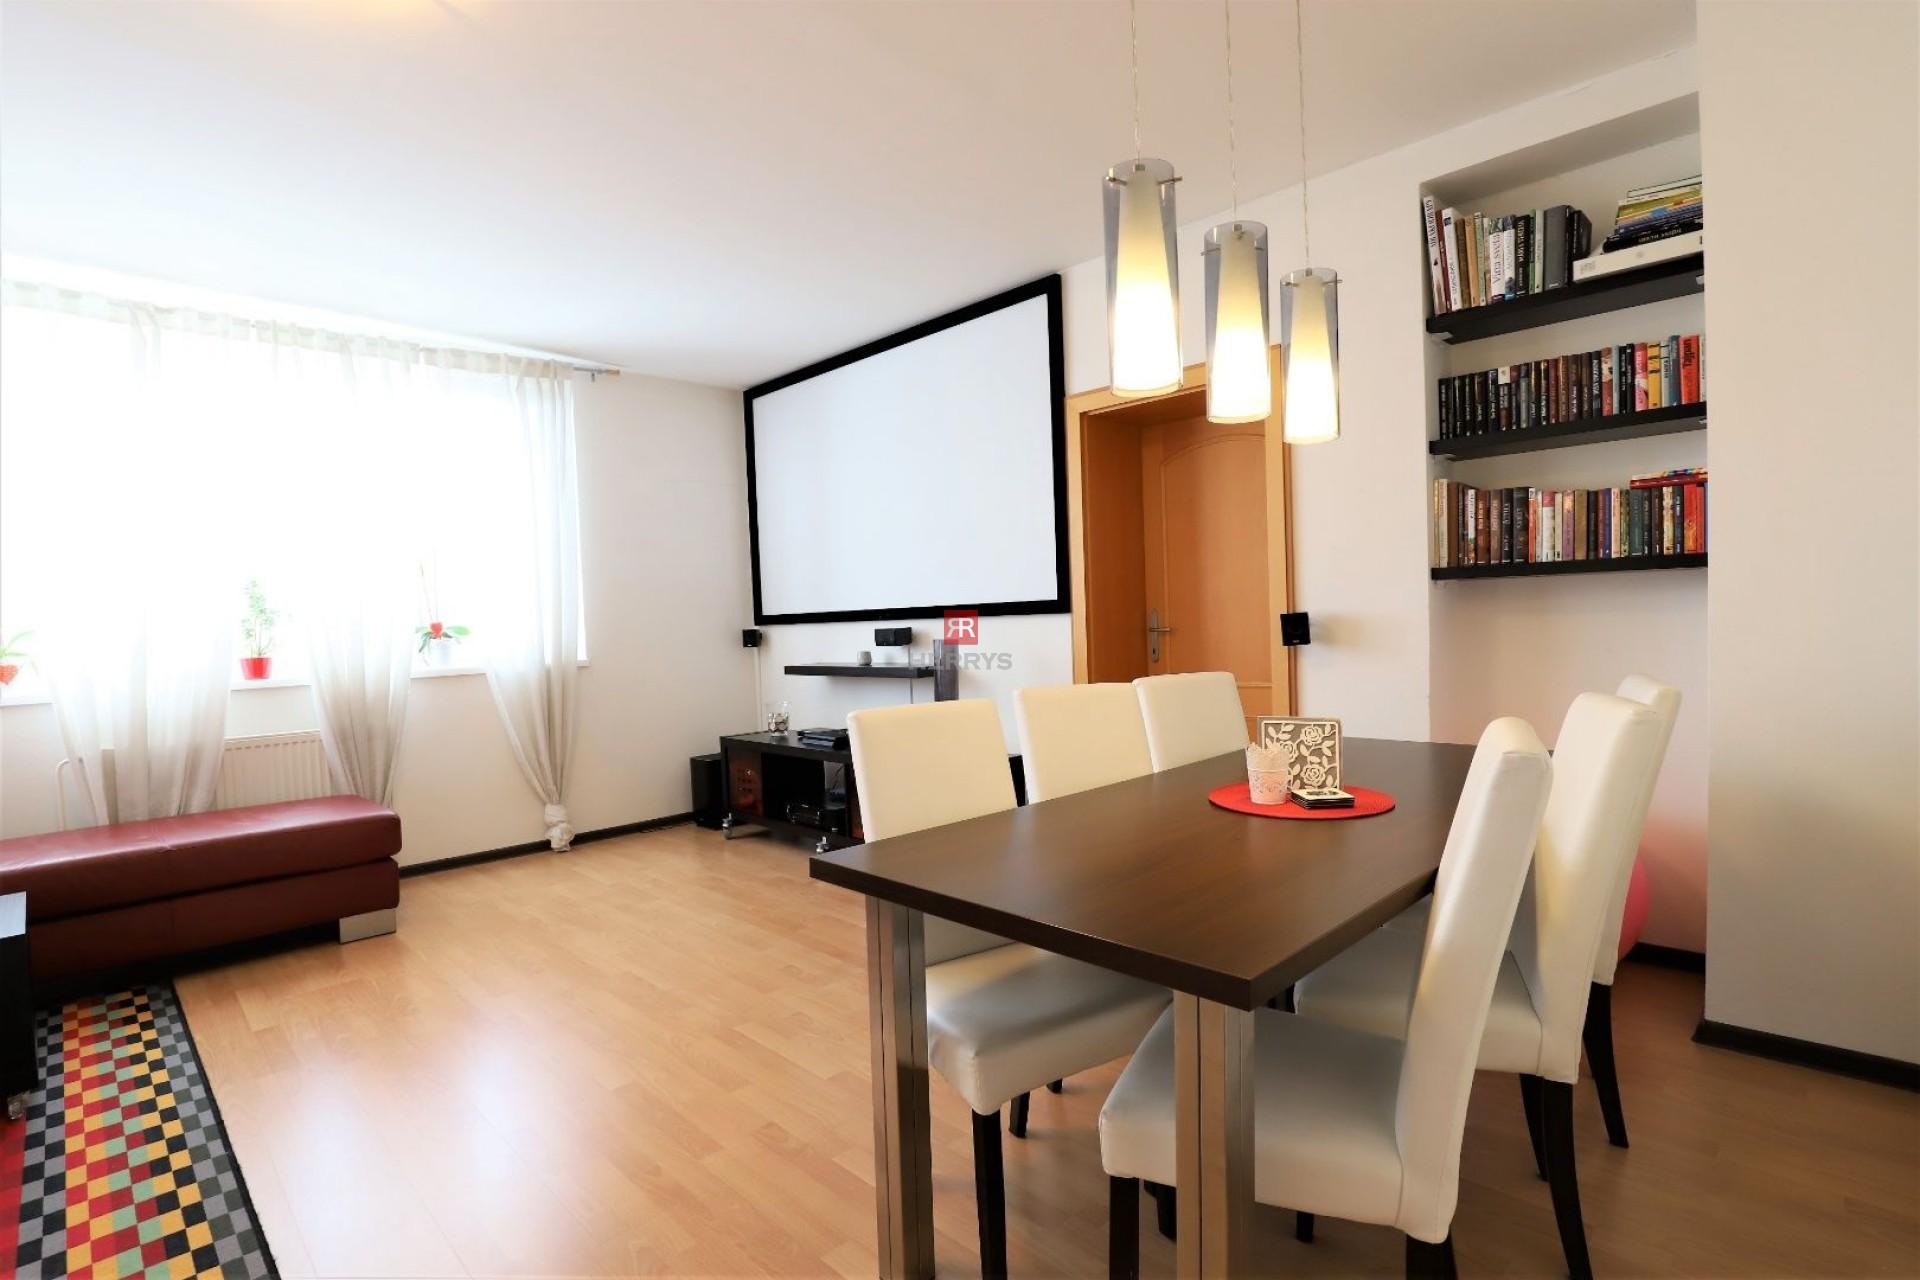 HERRYS - Na prenájom kompletne zariadený 3 izbový byt na Lipovej ulici v blízkosti River Parku v Starom Meste, garáž